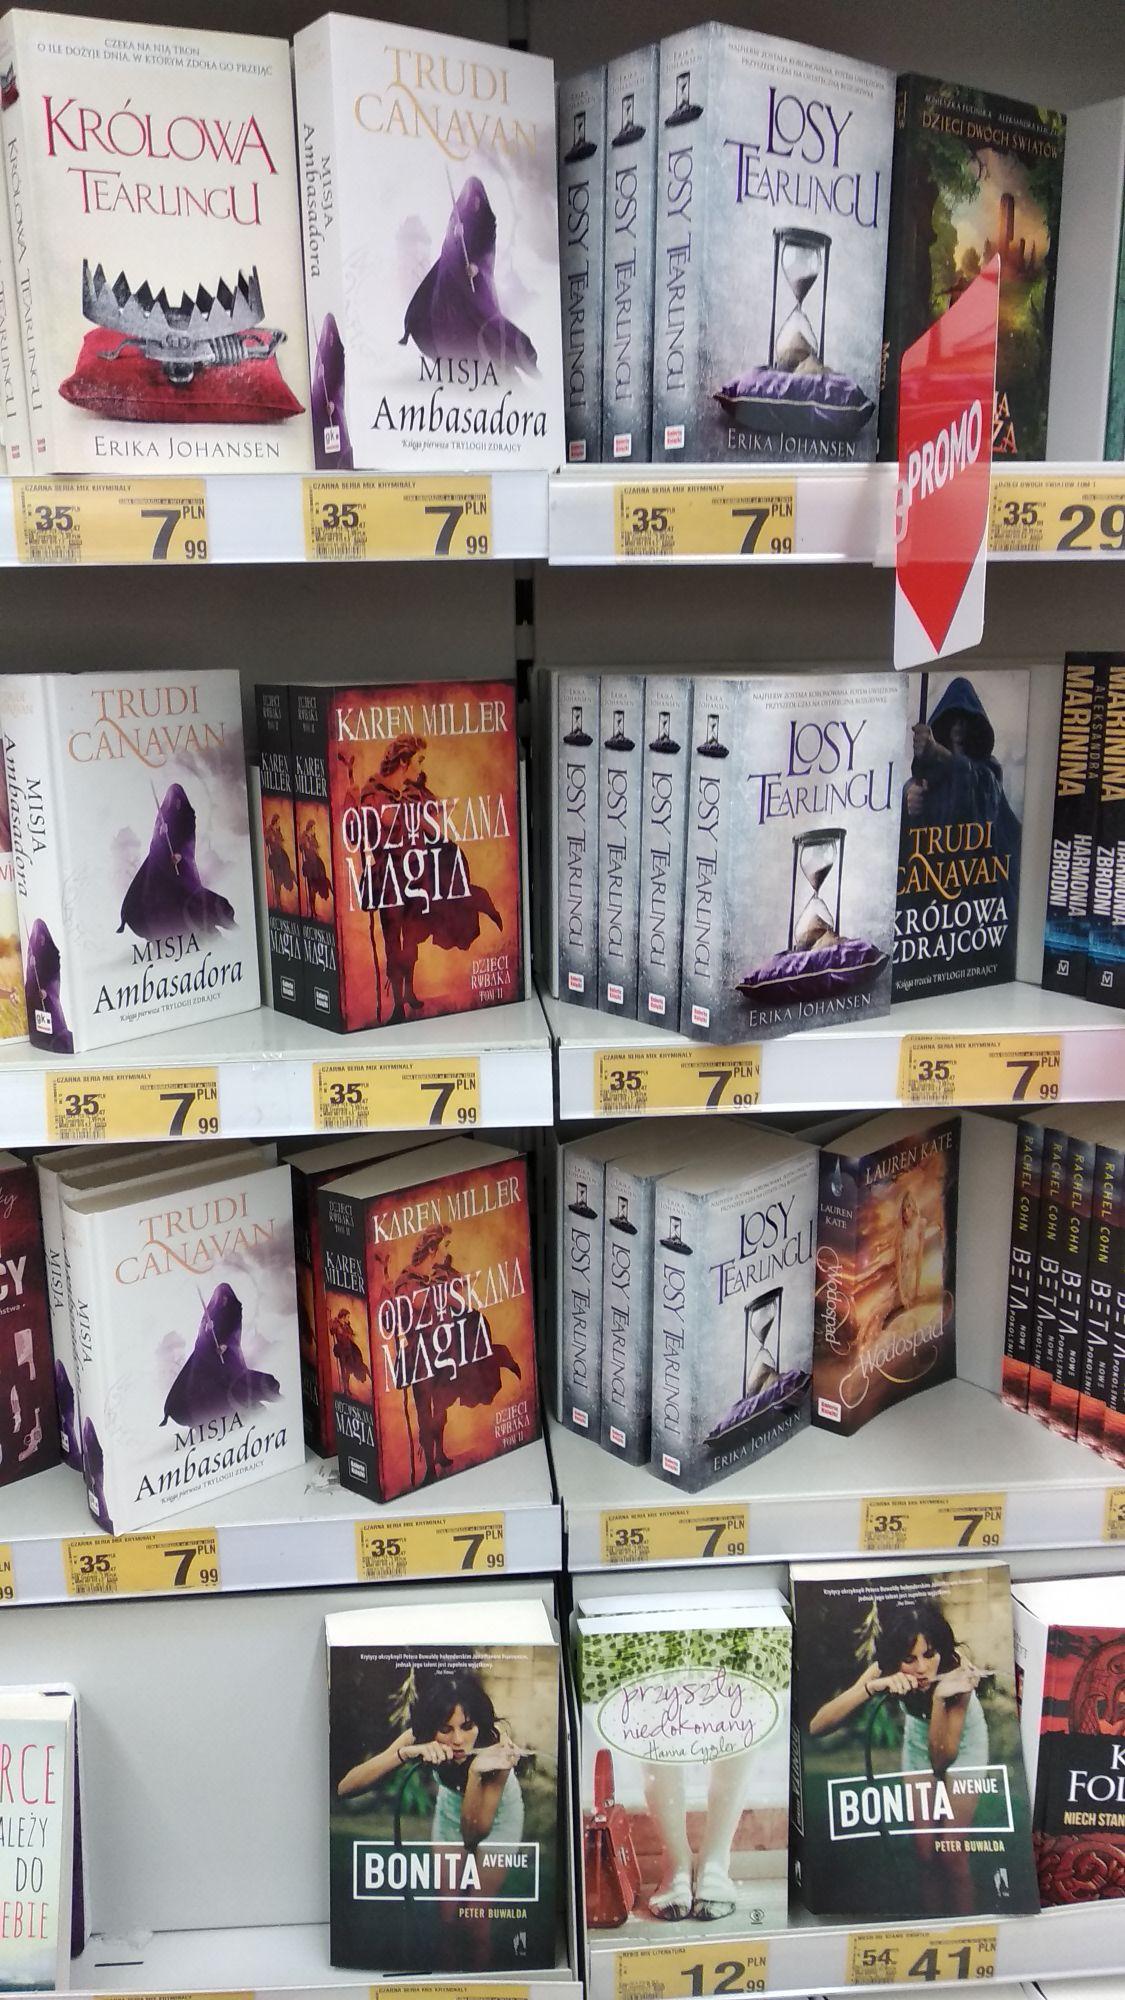 Dobre książki po 8 zł w Auchan Pasaż Łódzki